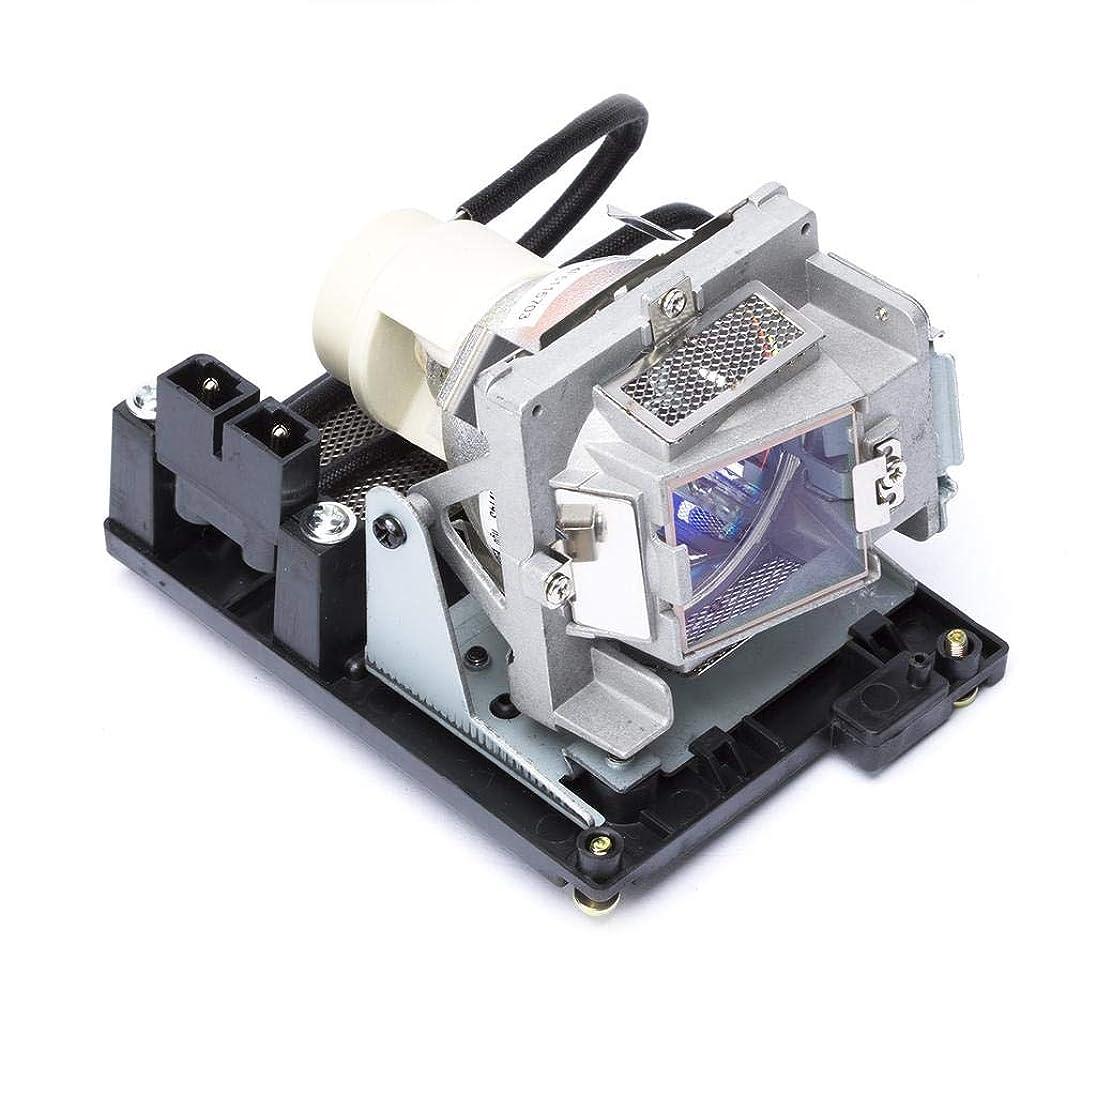 誘惑する運ぶ塗抹Vivitek D859 プロジェクターランプユニット